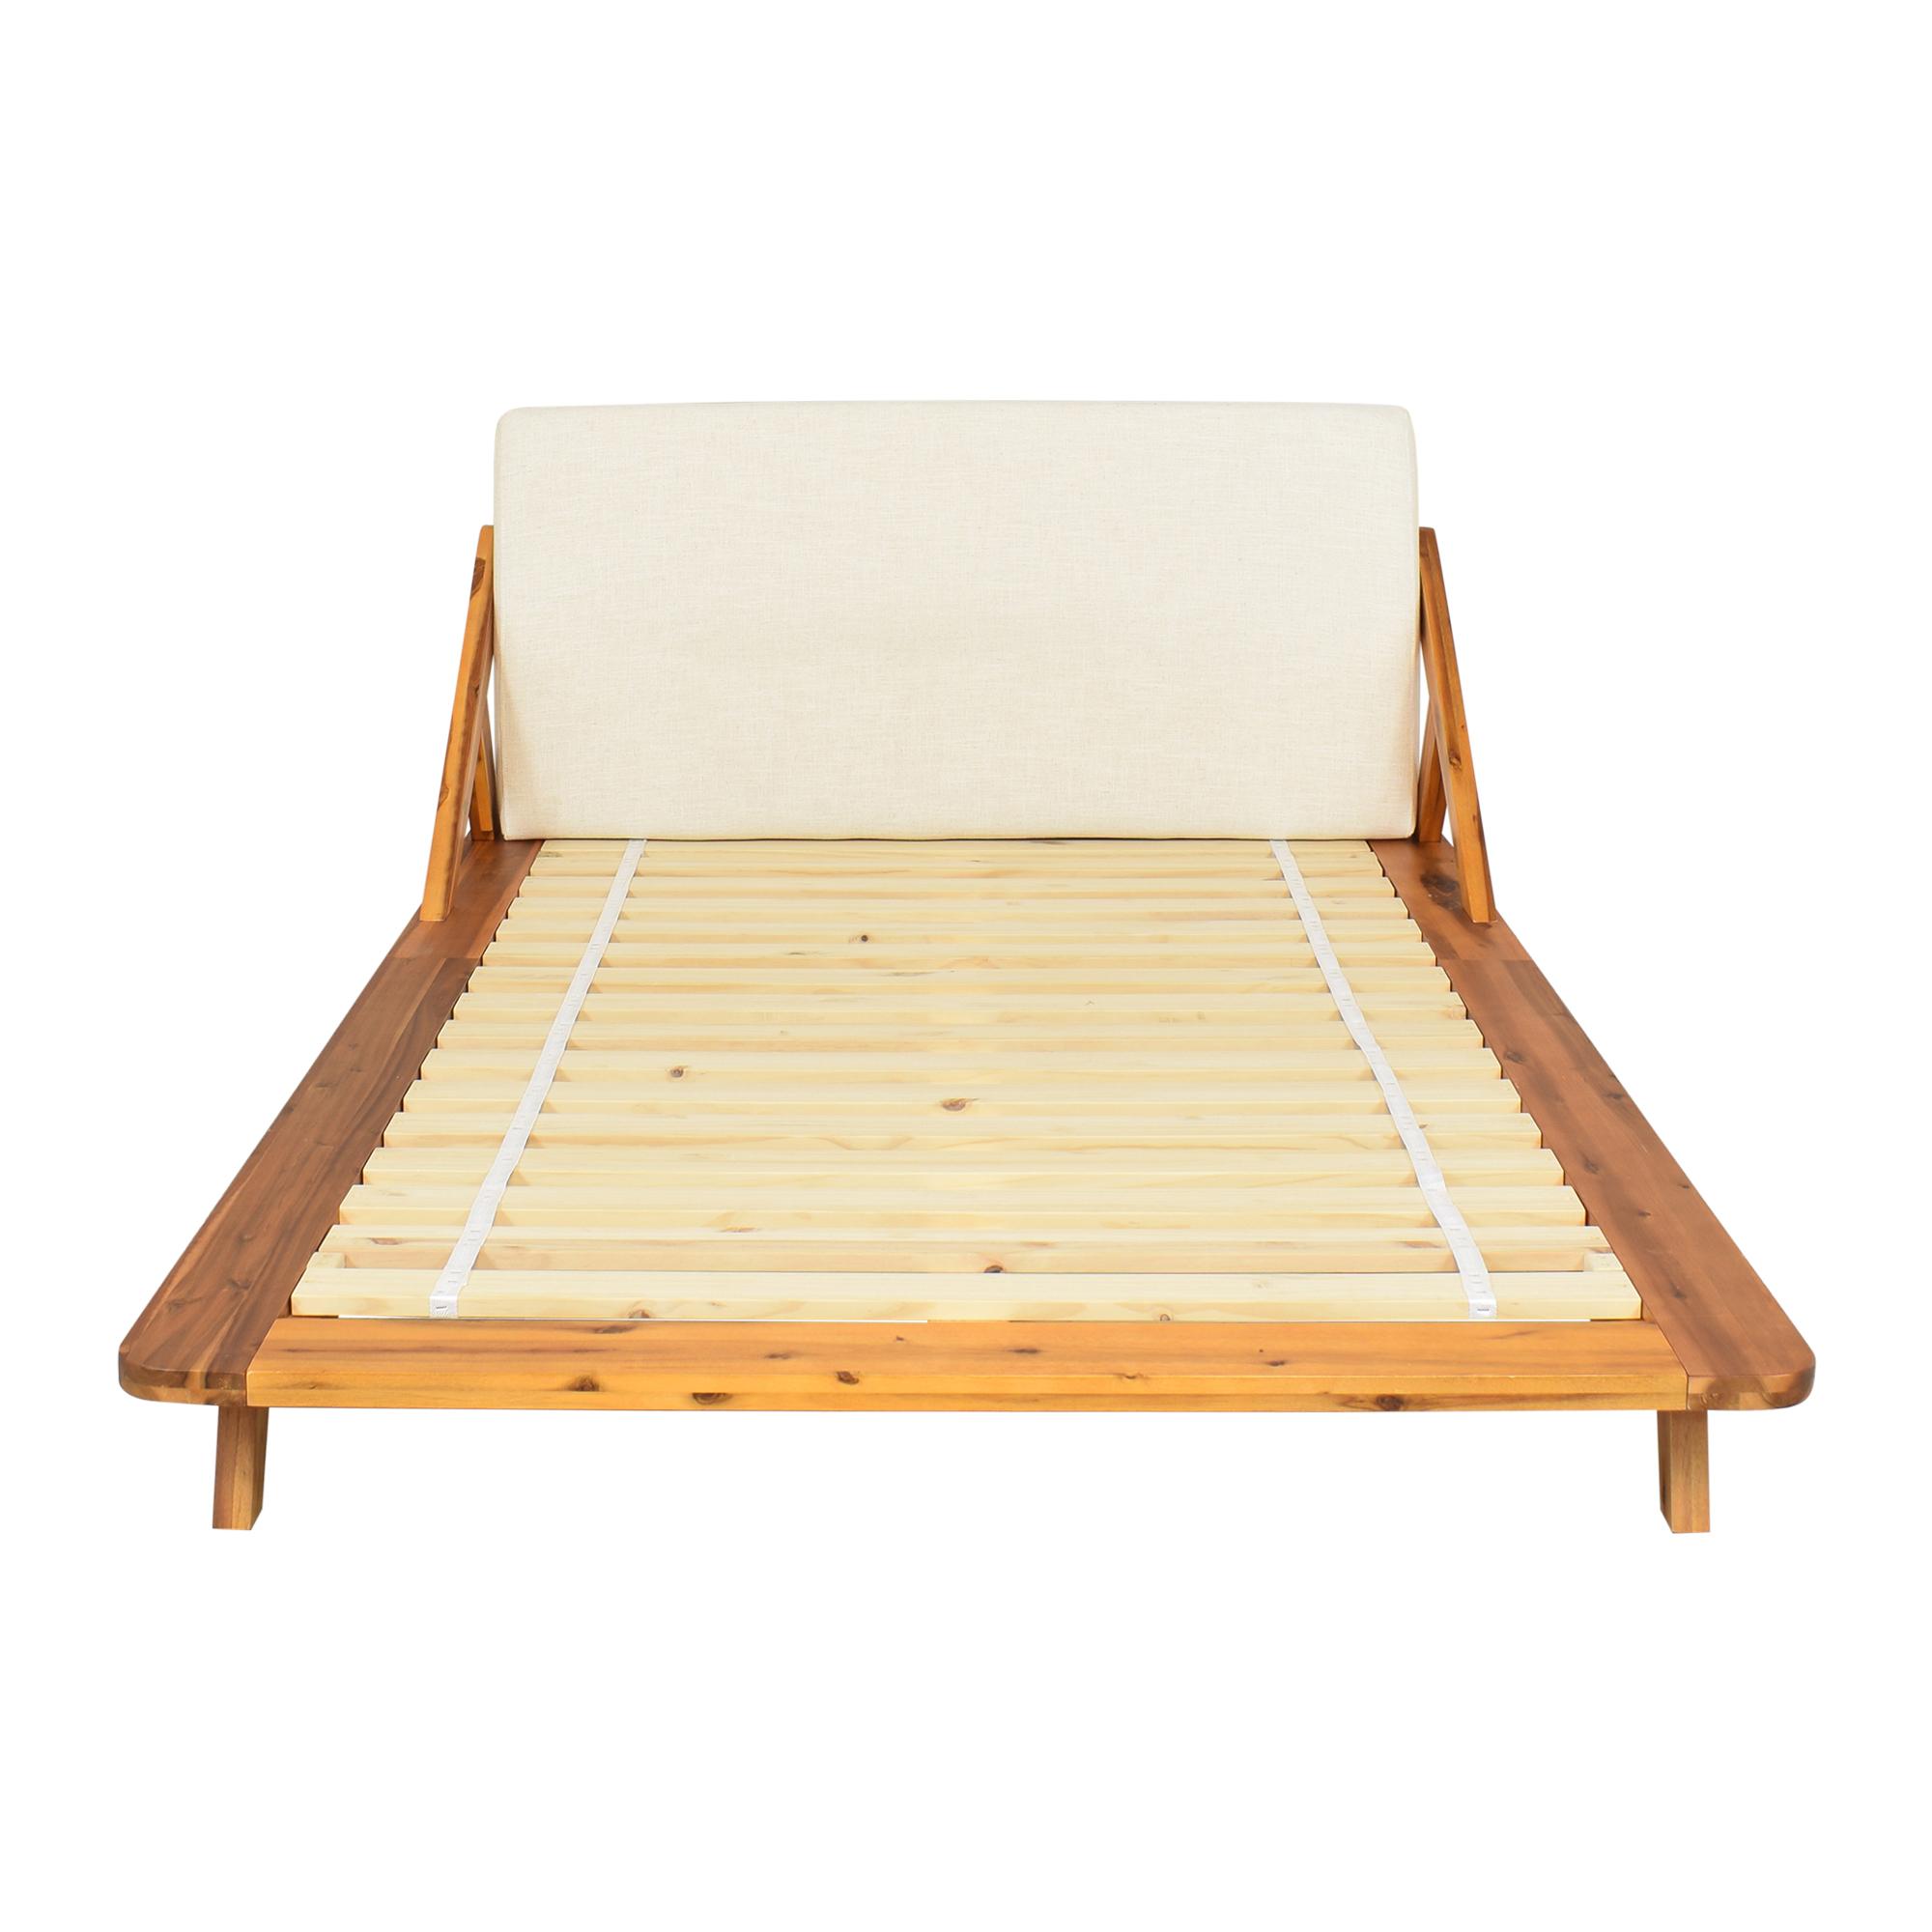 CB2 CB2 Drommen Modern Full Bed for sale